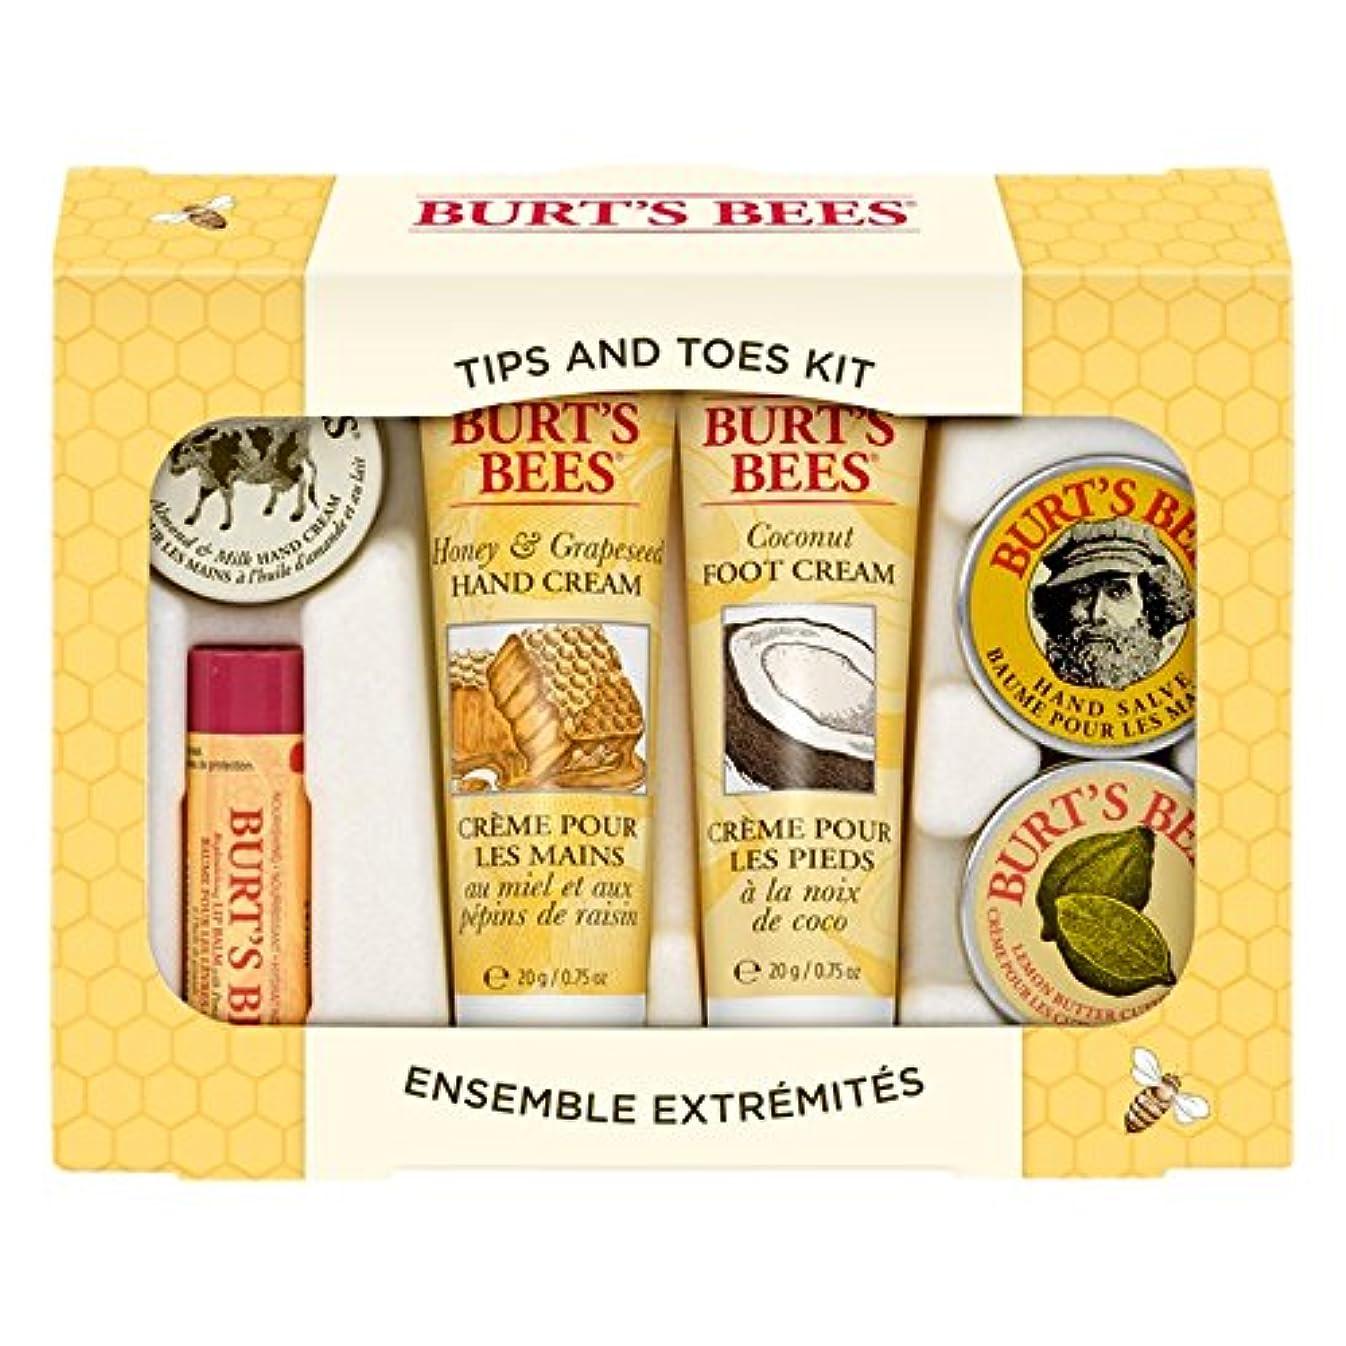 免除する死傷者切り刻むバーツビーのヒントとつま先はスターターキットをスキンケア (Burt's Bees) (x2) - Burt's Bees Tips And Toes Skincare Starter Kit (Pack of 2) [...